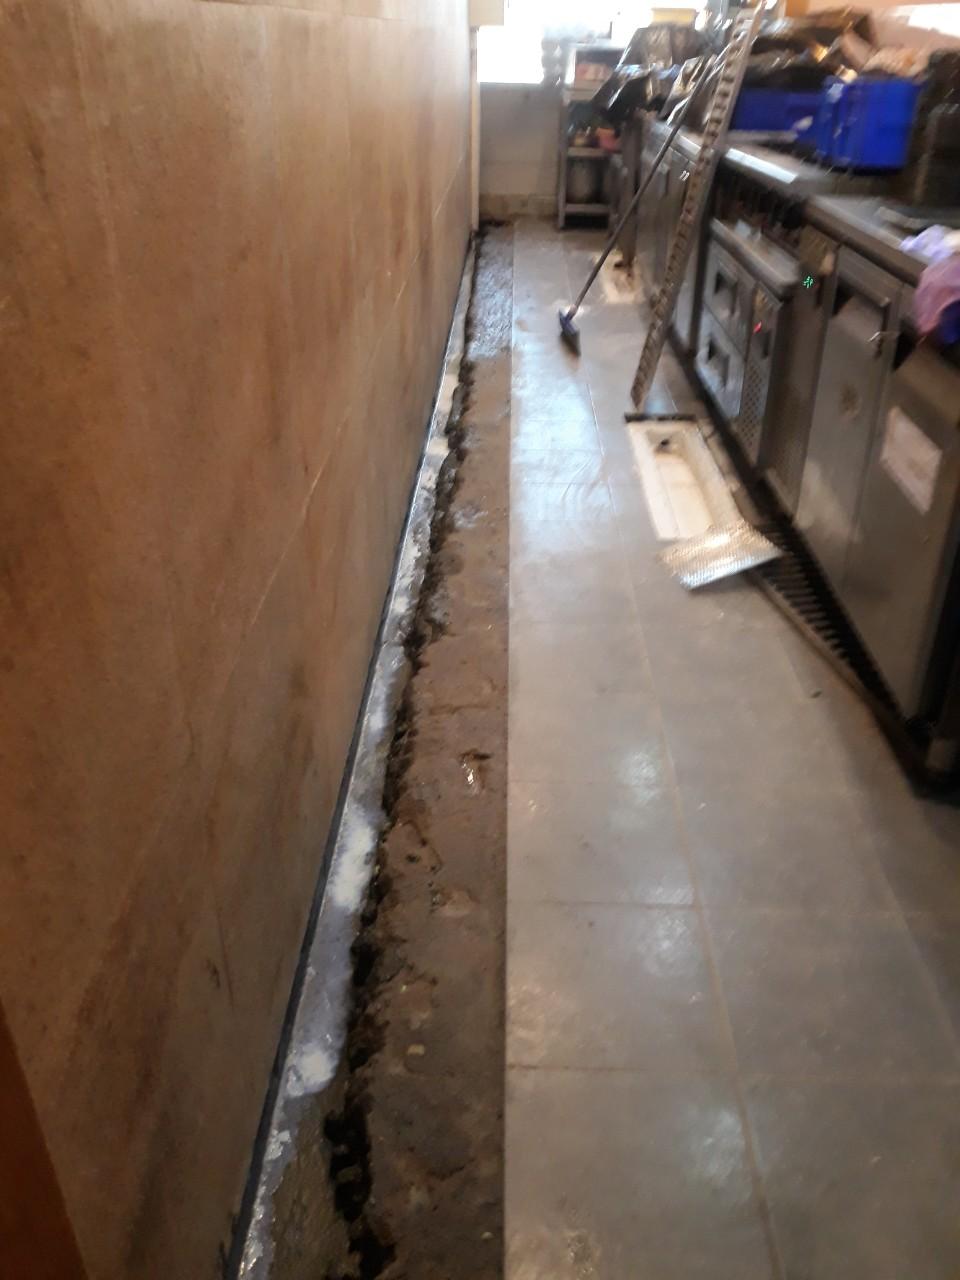 sua chua san bep - 5 Lưu ý về sàn của hệ thống bếp nhà hàng